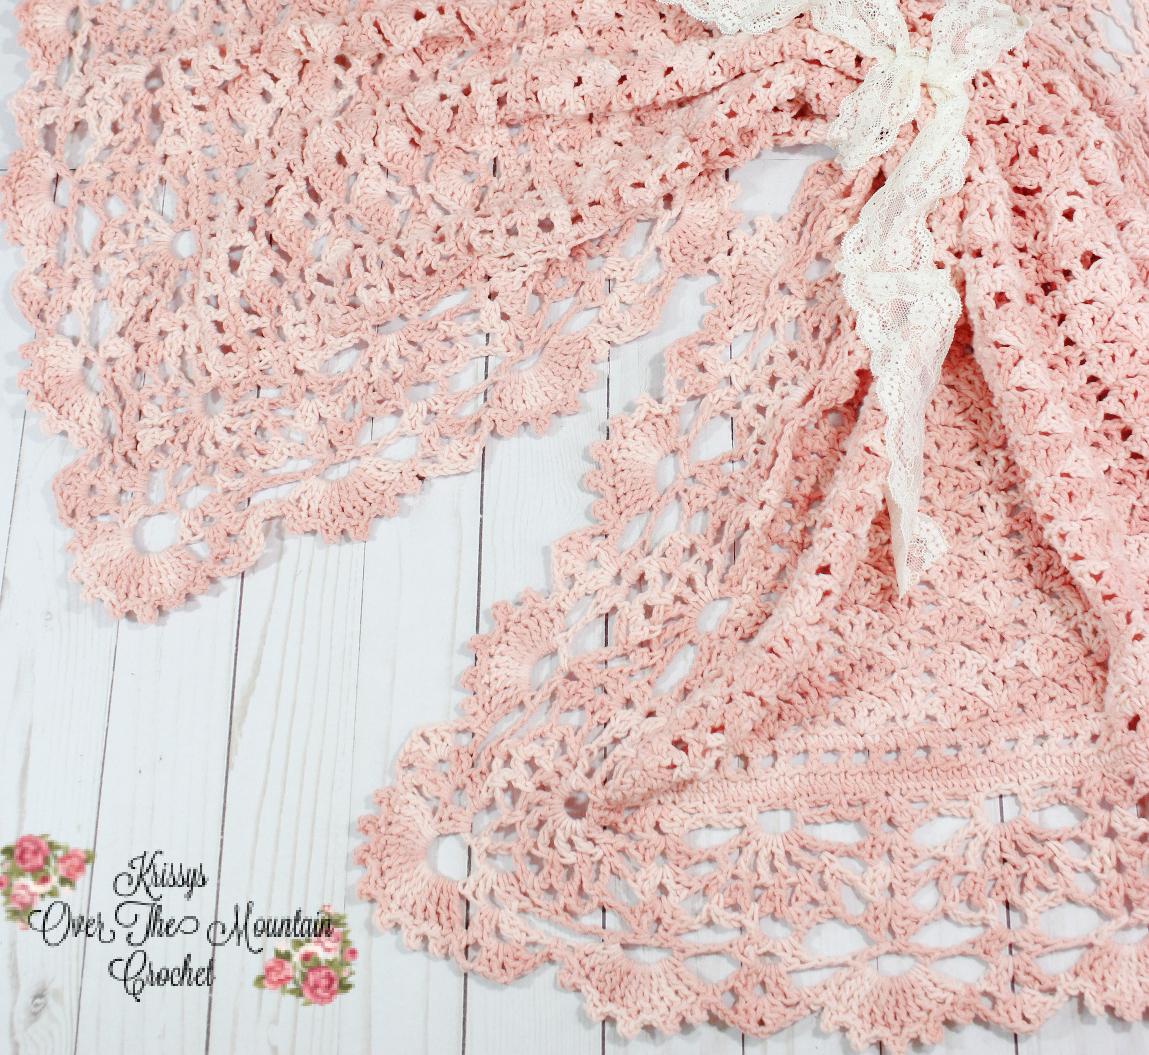 Lace Border - Heirloom Shells Sampler Crochet Baby Blanket